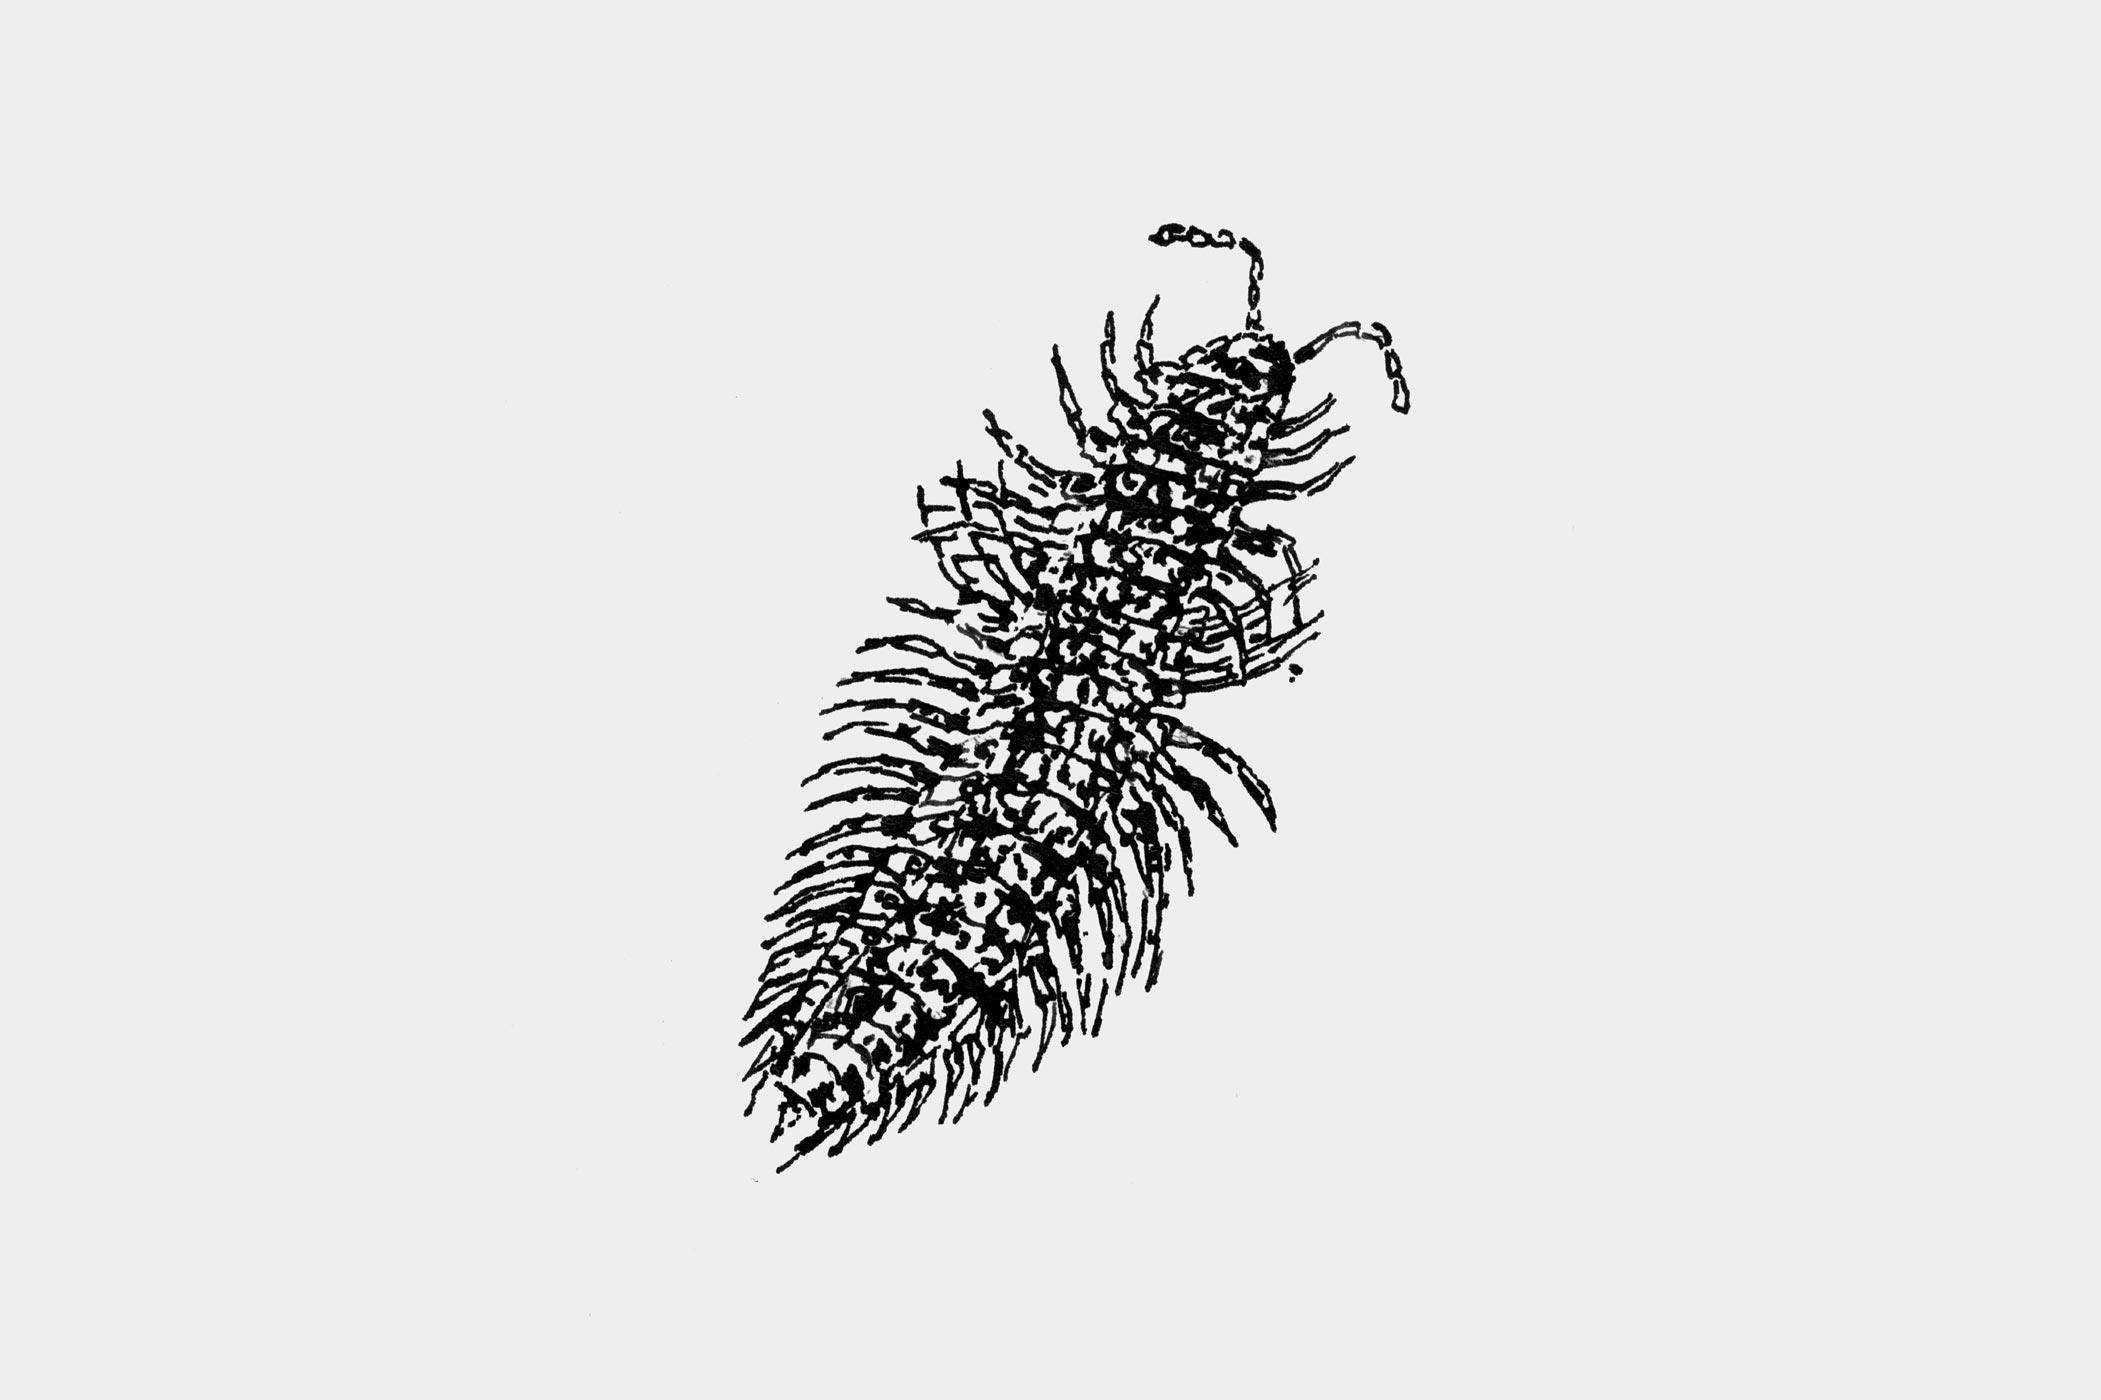 """Federzeichnungen eines Insekts, gezeichnet von Christian Thanhäuser als Illustration für die 10-bändige Buchserie """"Erinnerungen eines Insektenforschers"""" von Jean-Henri Fabre für den Verlag Matthes & Seitz Berlin"""